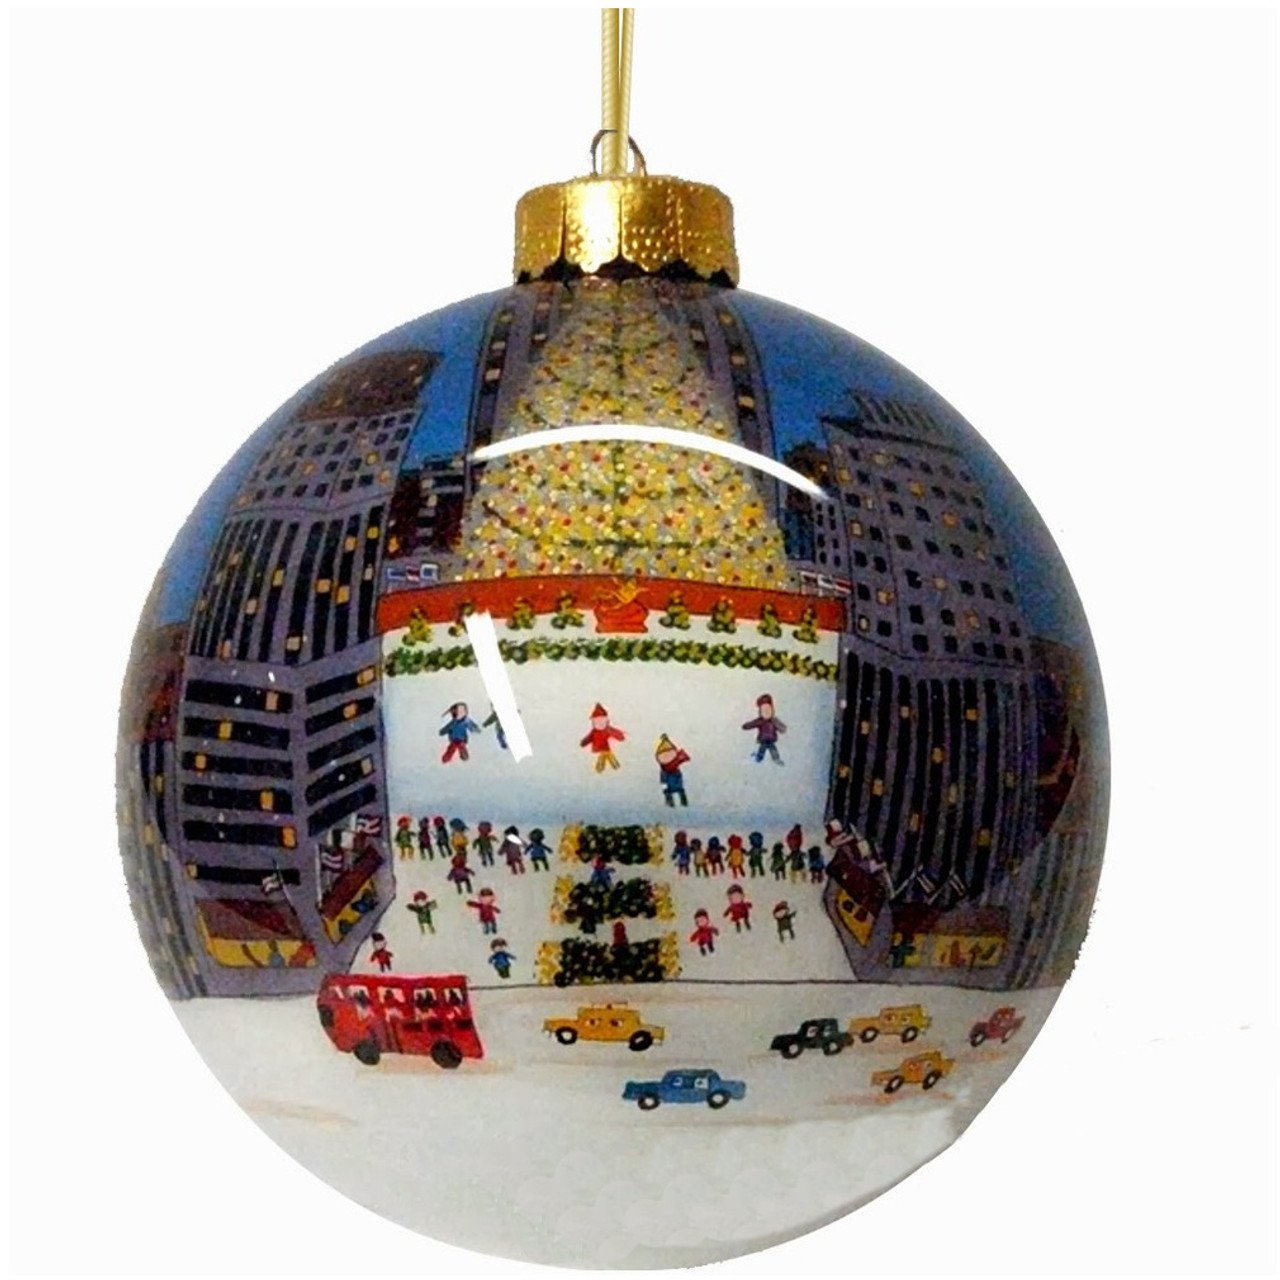 Rockefeller Center Glass Ball Christmas Ornament